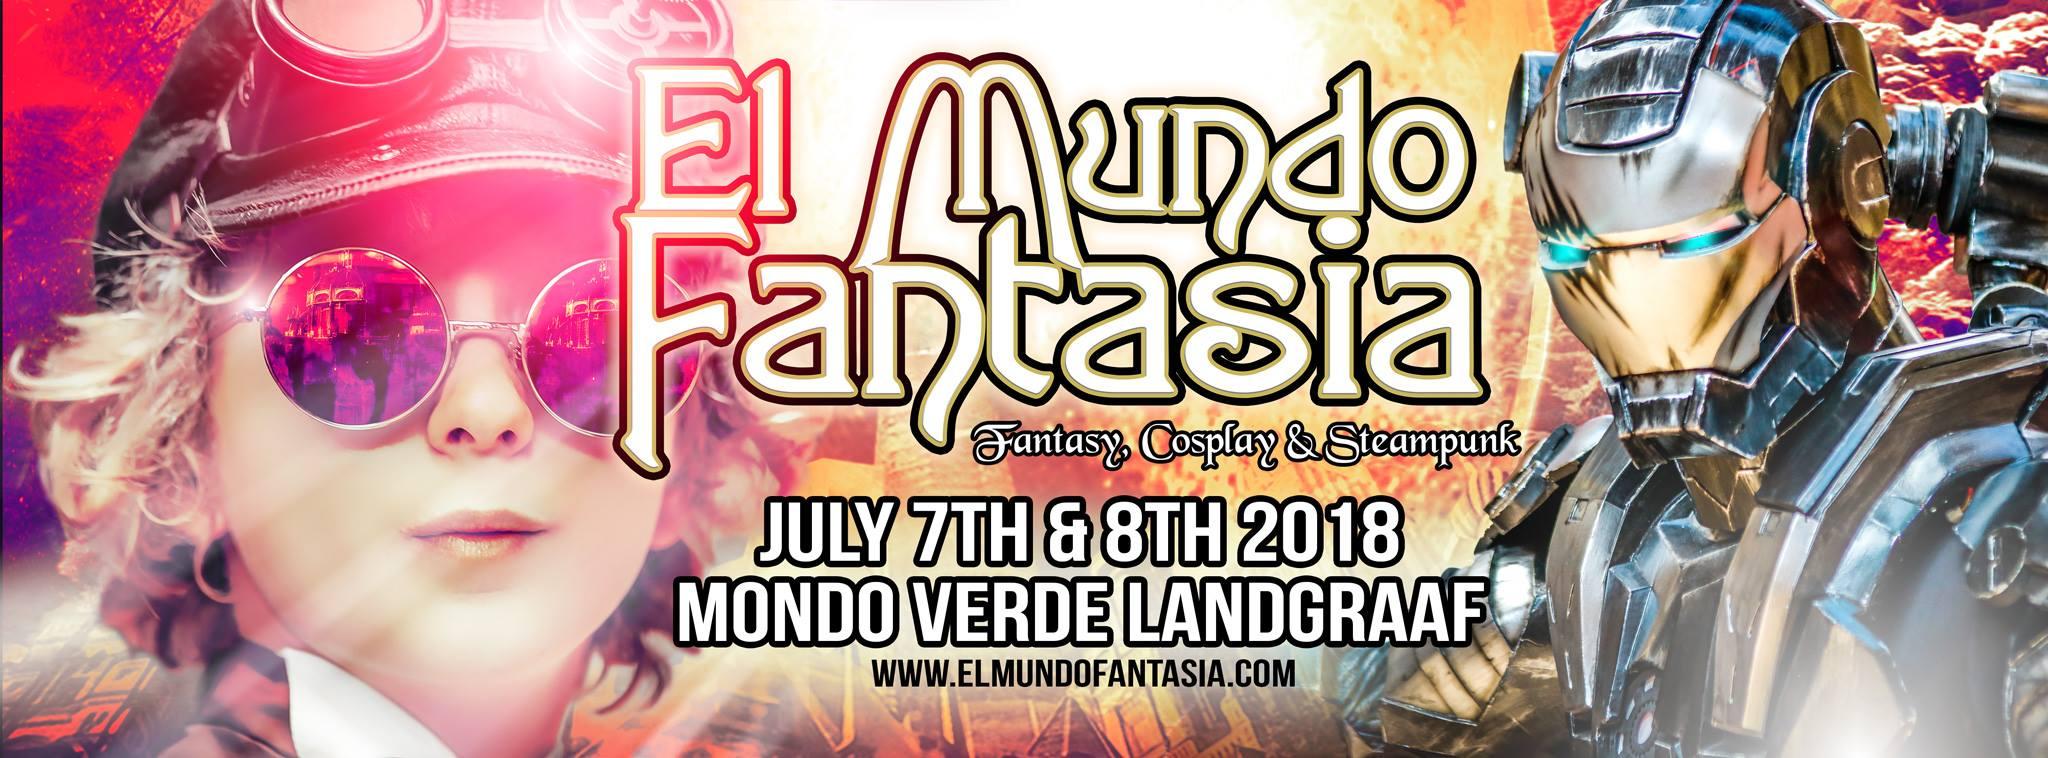 El Mundo Fantasia 2018 banner